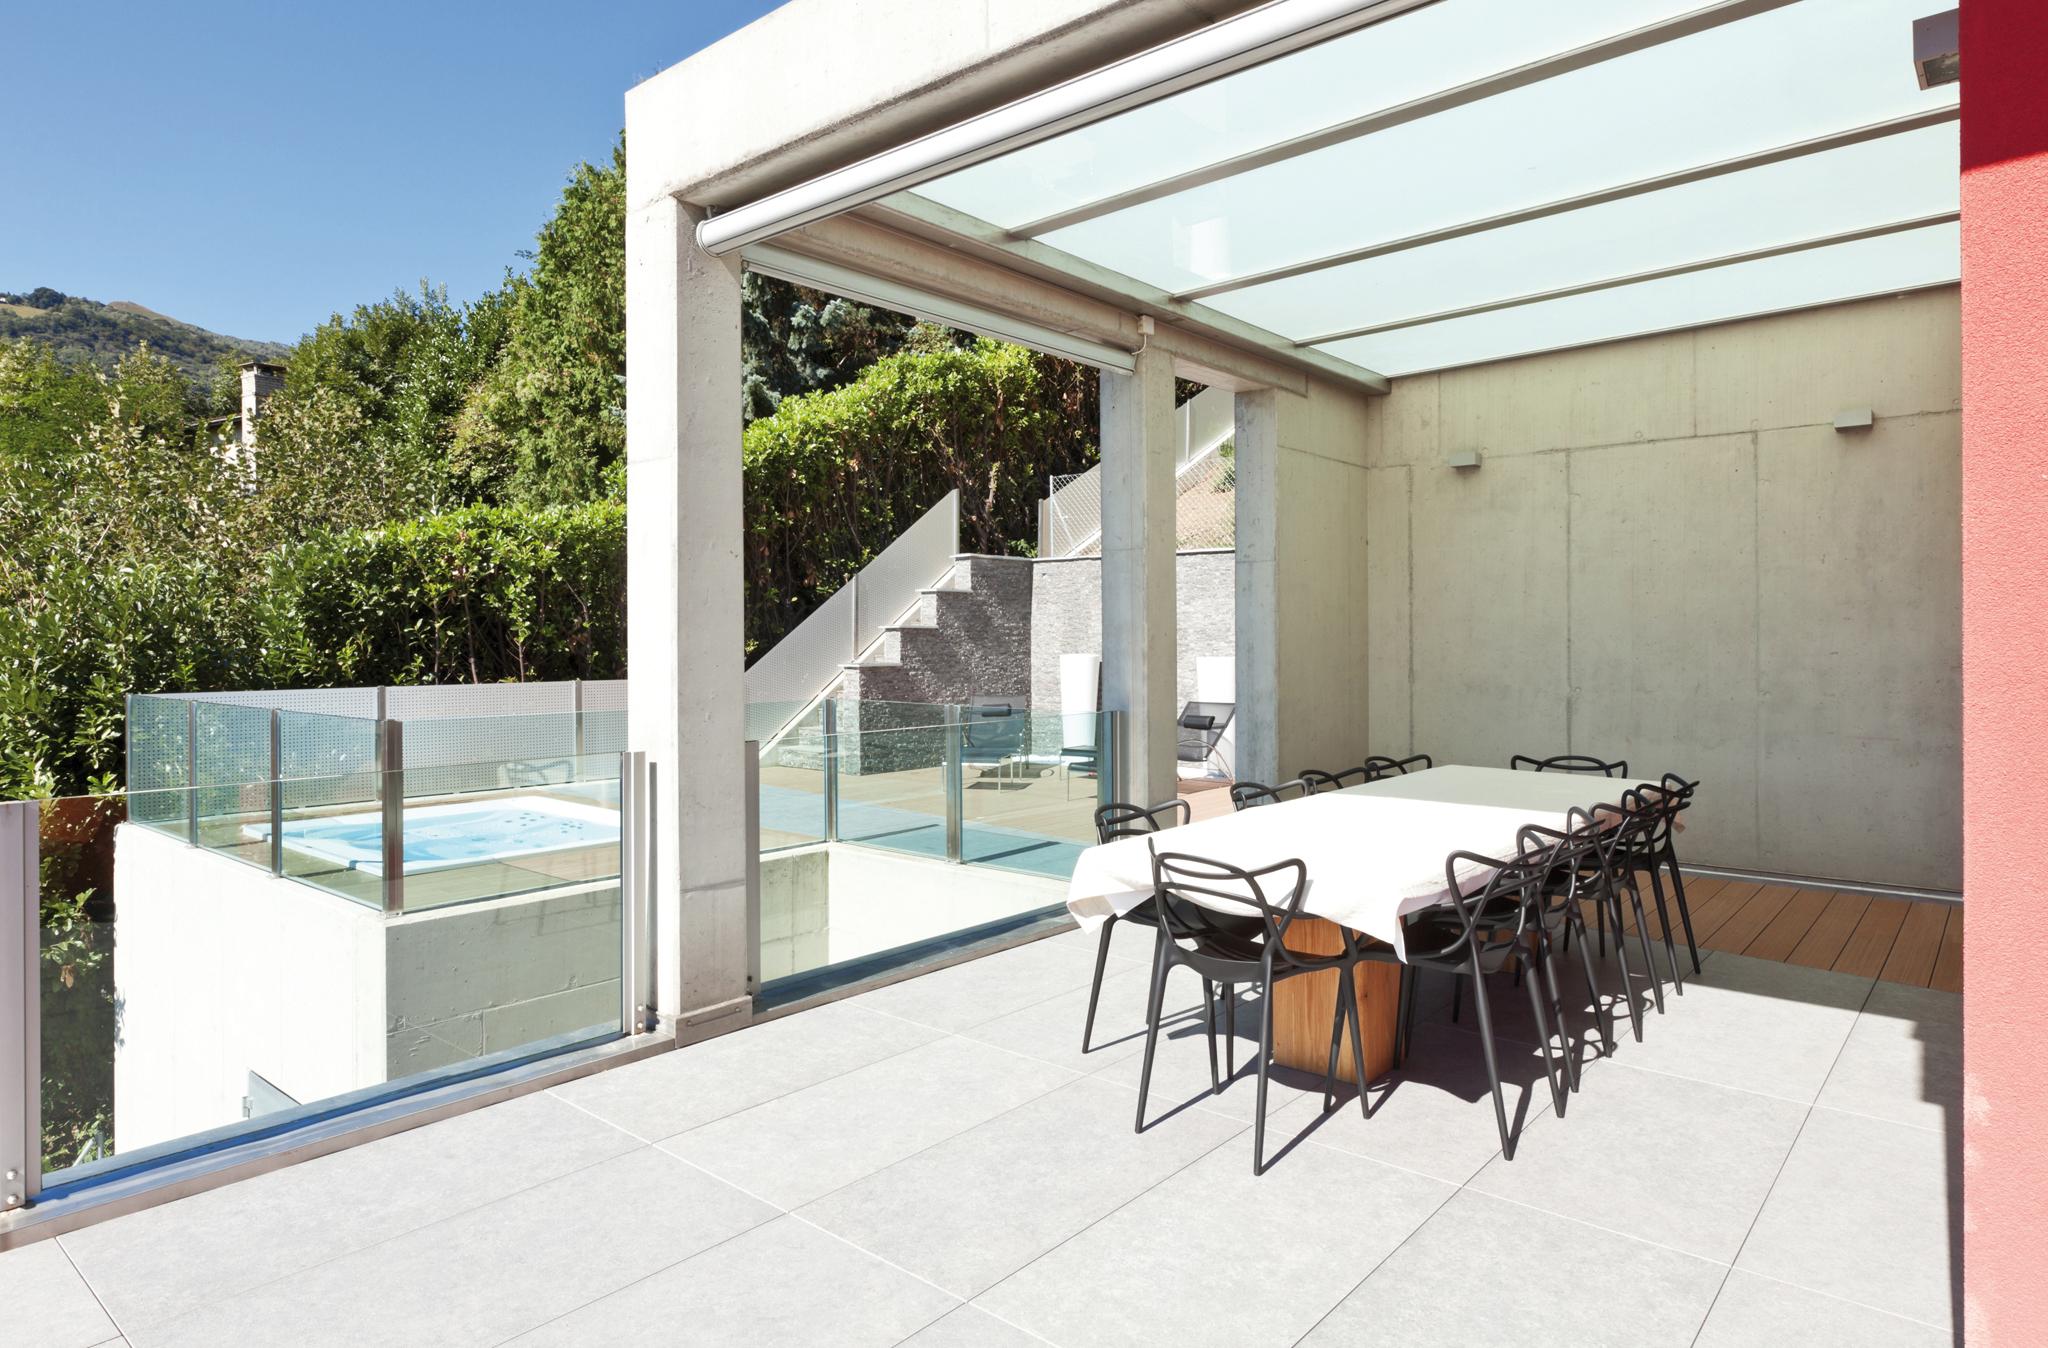 Un jacuzzi en terrasse lorraine magazine for Pergola bioclimatique prix au m